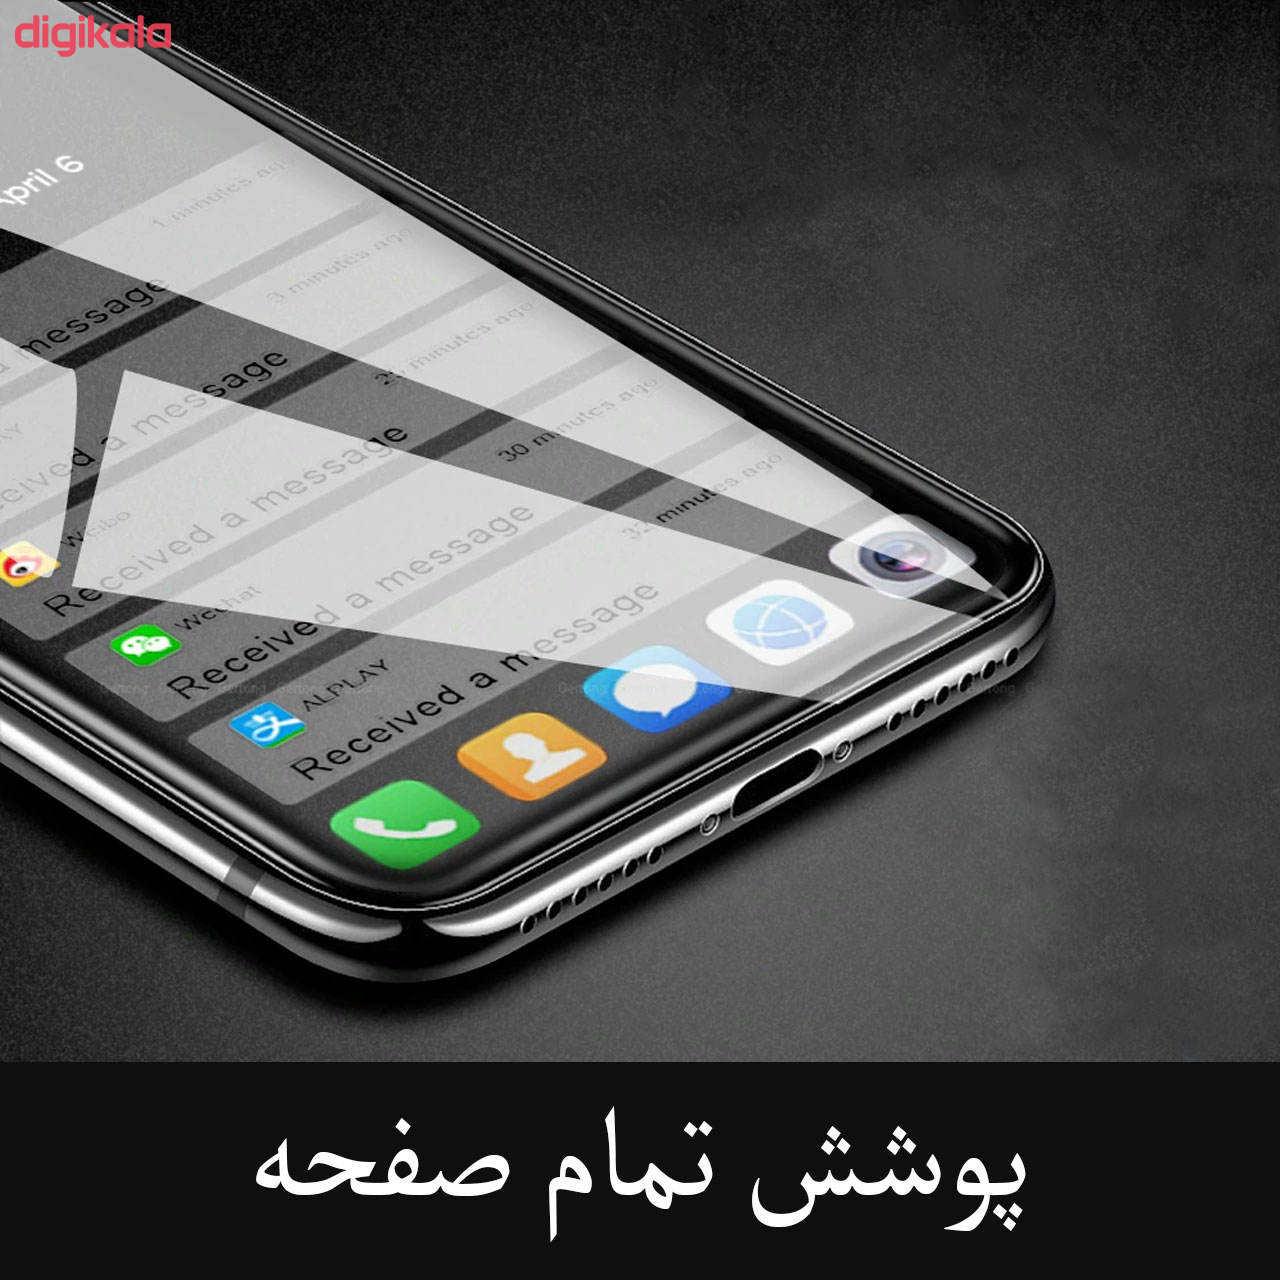 محافظ صفحه نمایش زیرو مدل SDZ-01 مناسب برای گوشی موبایل سامسونگ Galaxy J5 2015 main 1 12